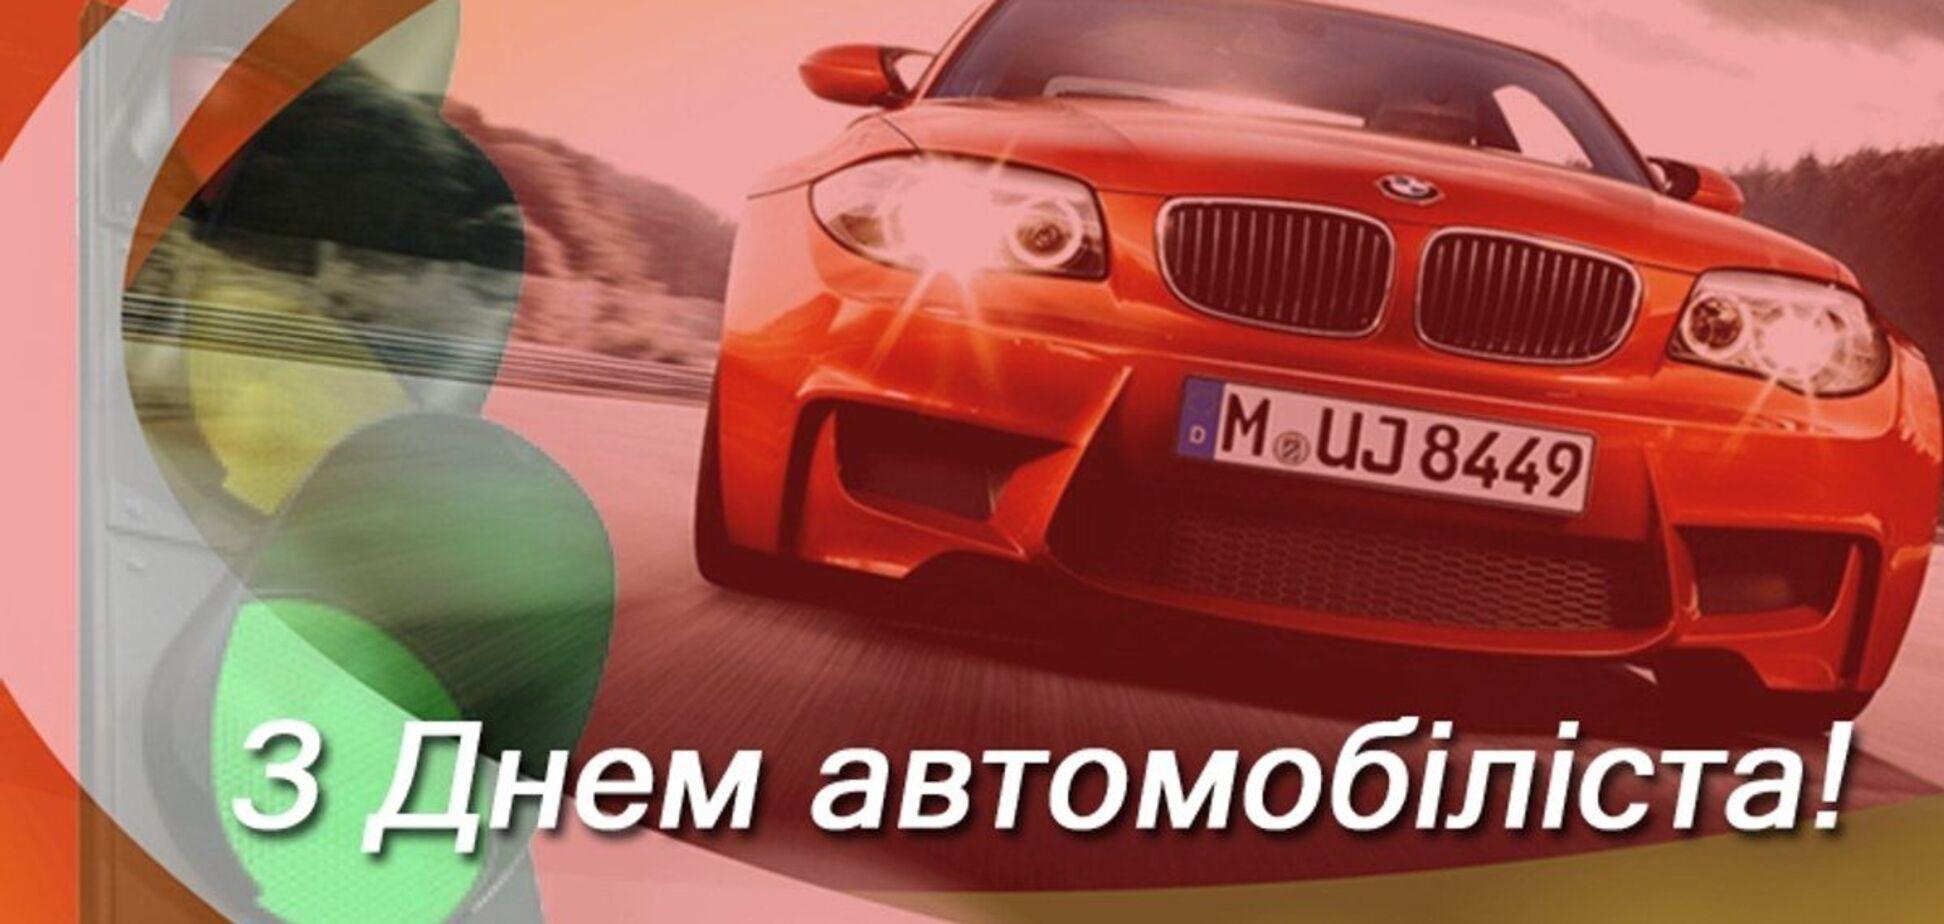 День автомобіліста в Україні 2020 року відзначається 25 жовтня